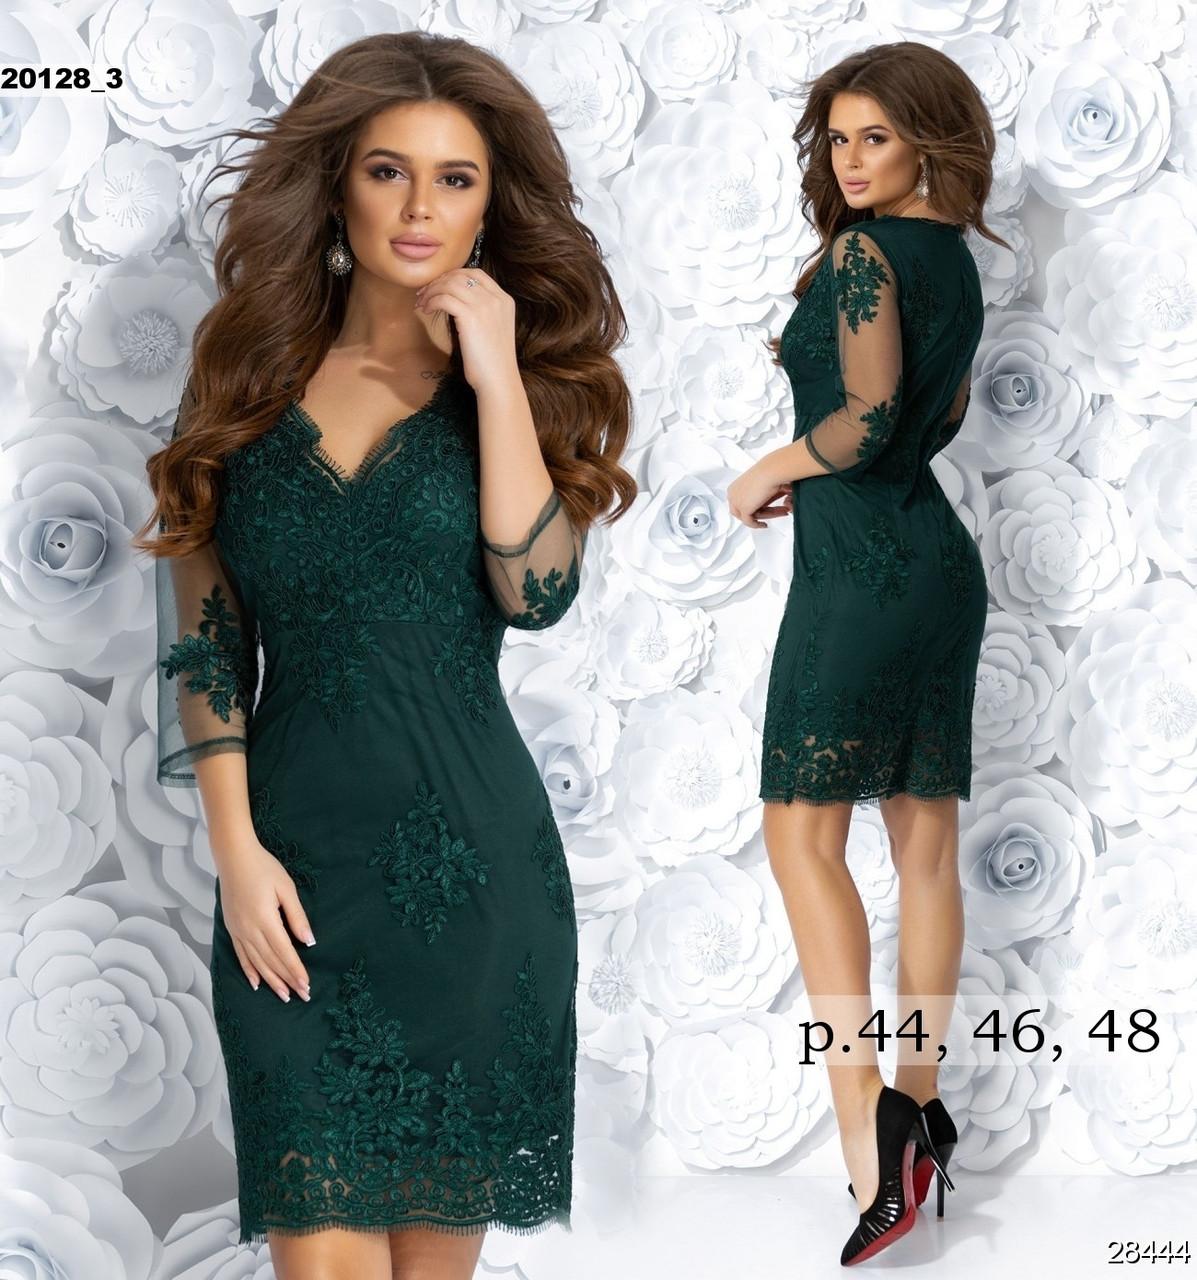 50769e28debbfc4 Женское платье темно изумрудного цвета, 46-48 размер. производство Турция!  идеальная посадка